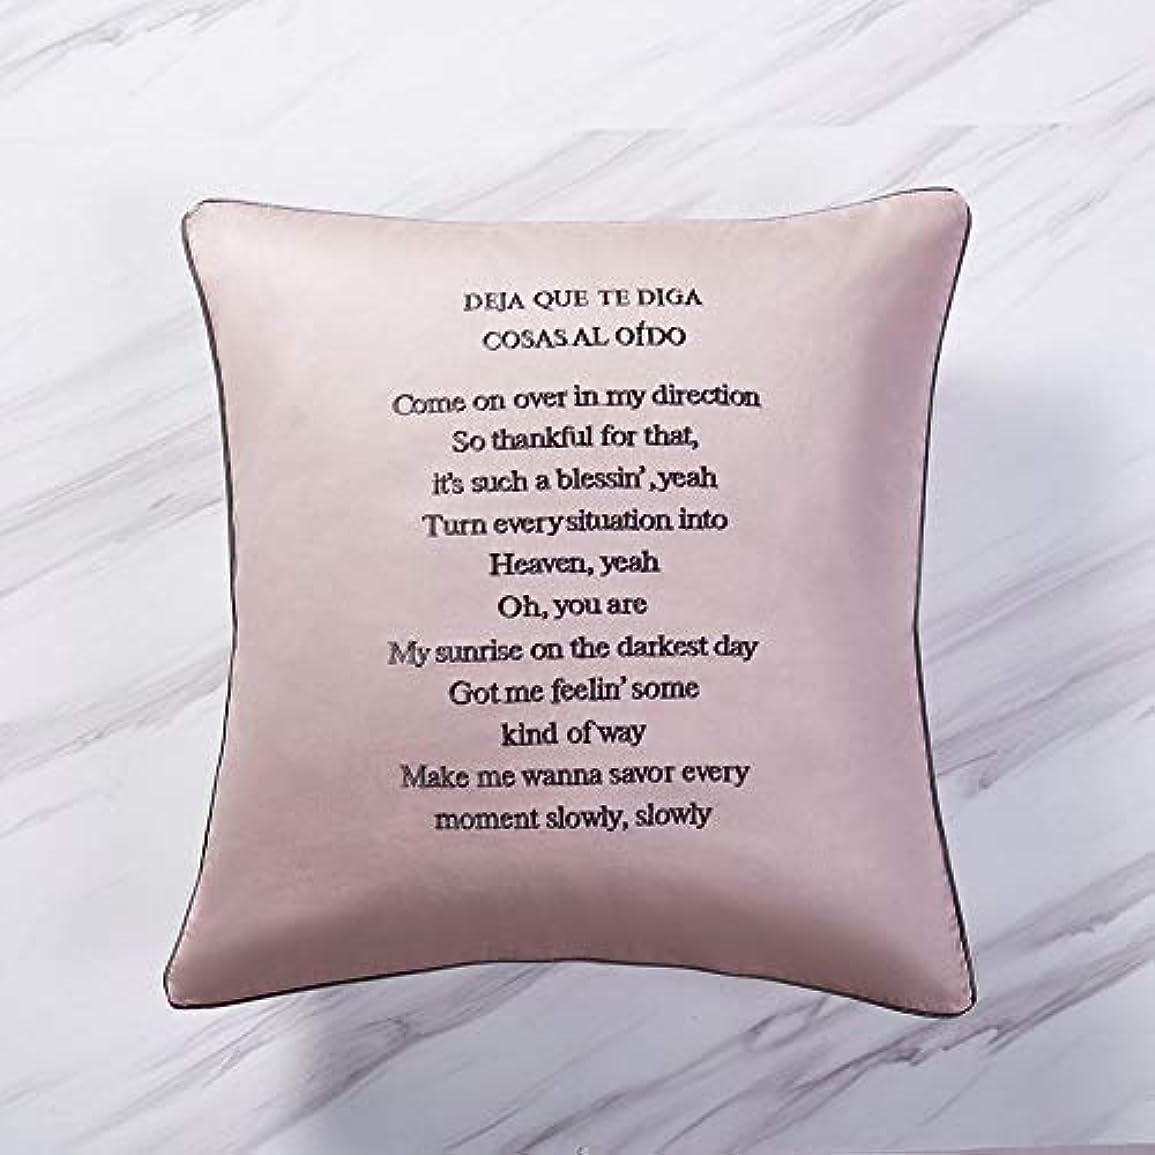 これまでまともなサミット腰枕 ロングステープルコットン刺繍入りレターピローコットンソファーベッドbyウエストクッションピローケース付きコア (色 : Cream powder, Size : 45*45cm)